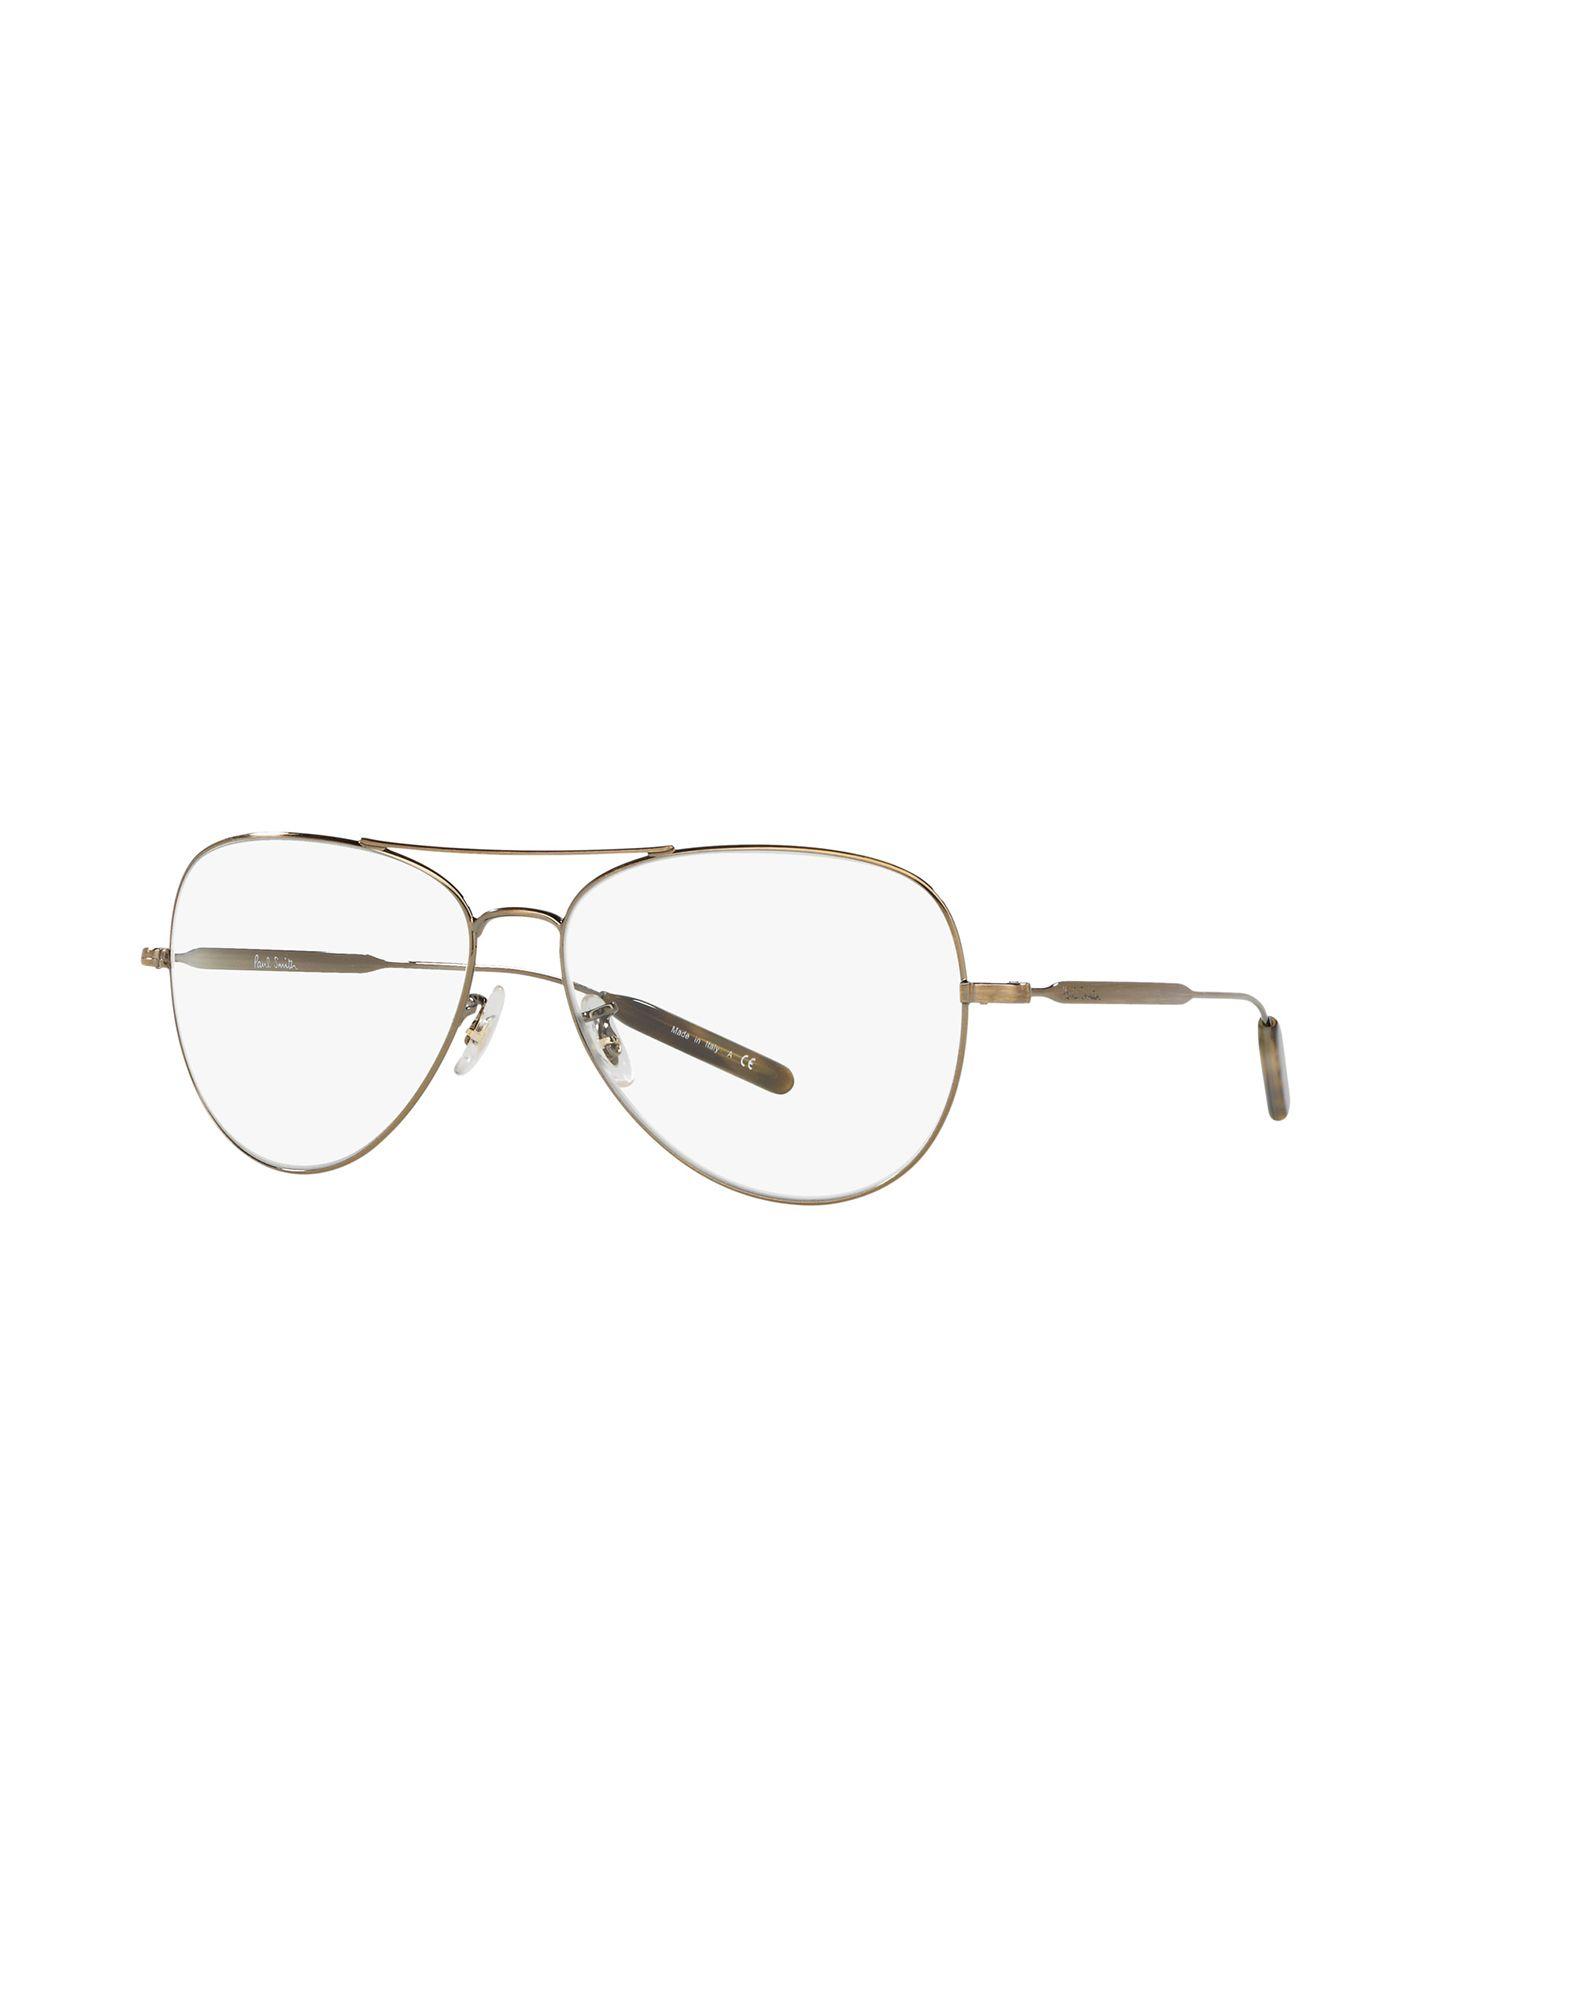 PAUL SMITH Herren Brille Farbe Bronze Größe 1